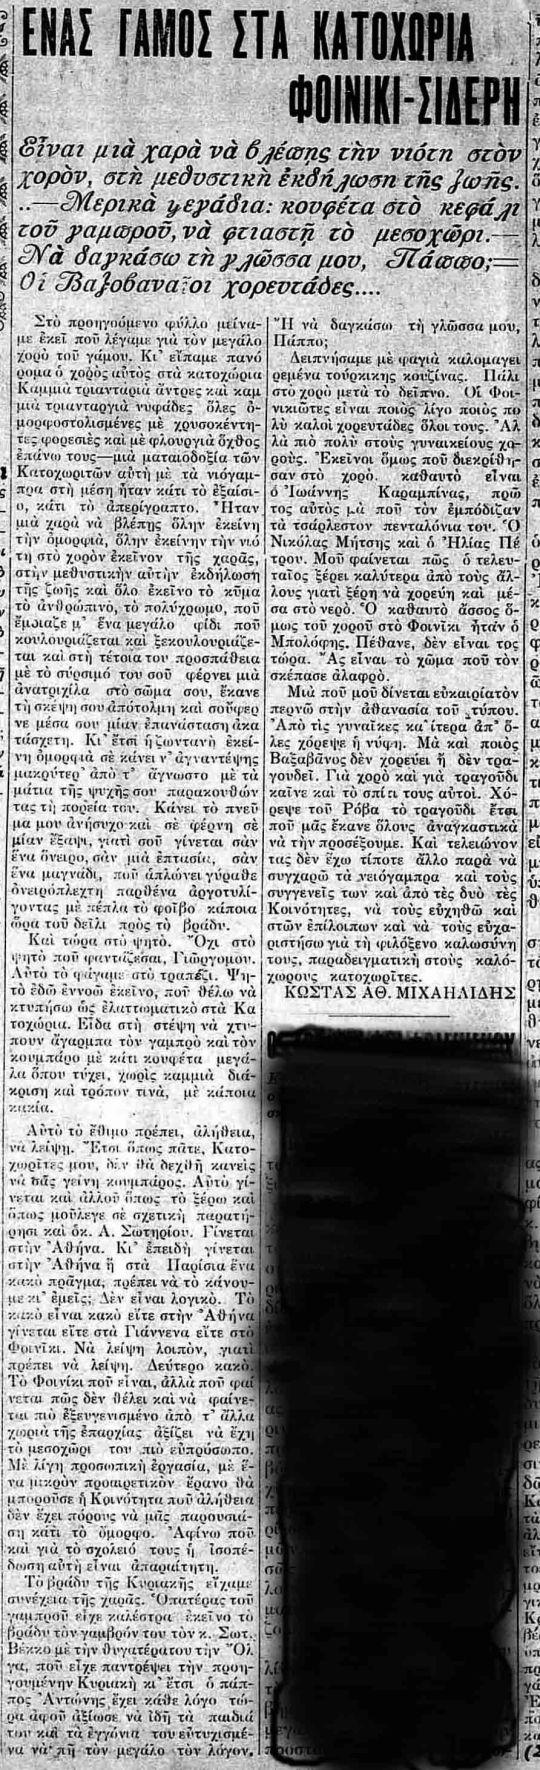 1931_052 ΓΑΜΟΣ ΣΤΑ ΚΑΤΩΧΩΡΙΑ ΜΙΧΑΗΛ